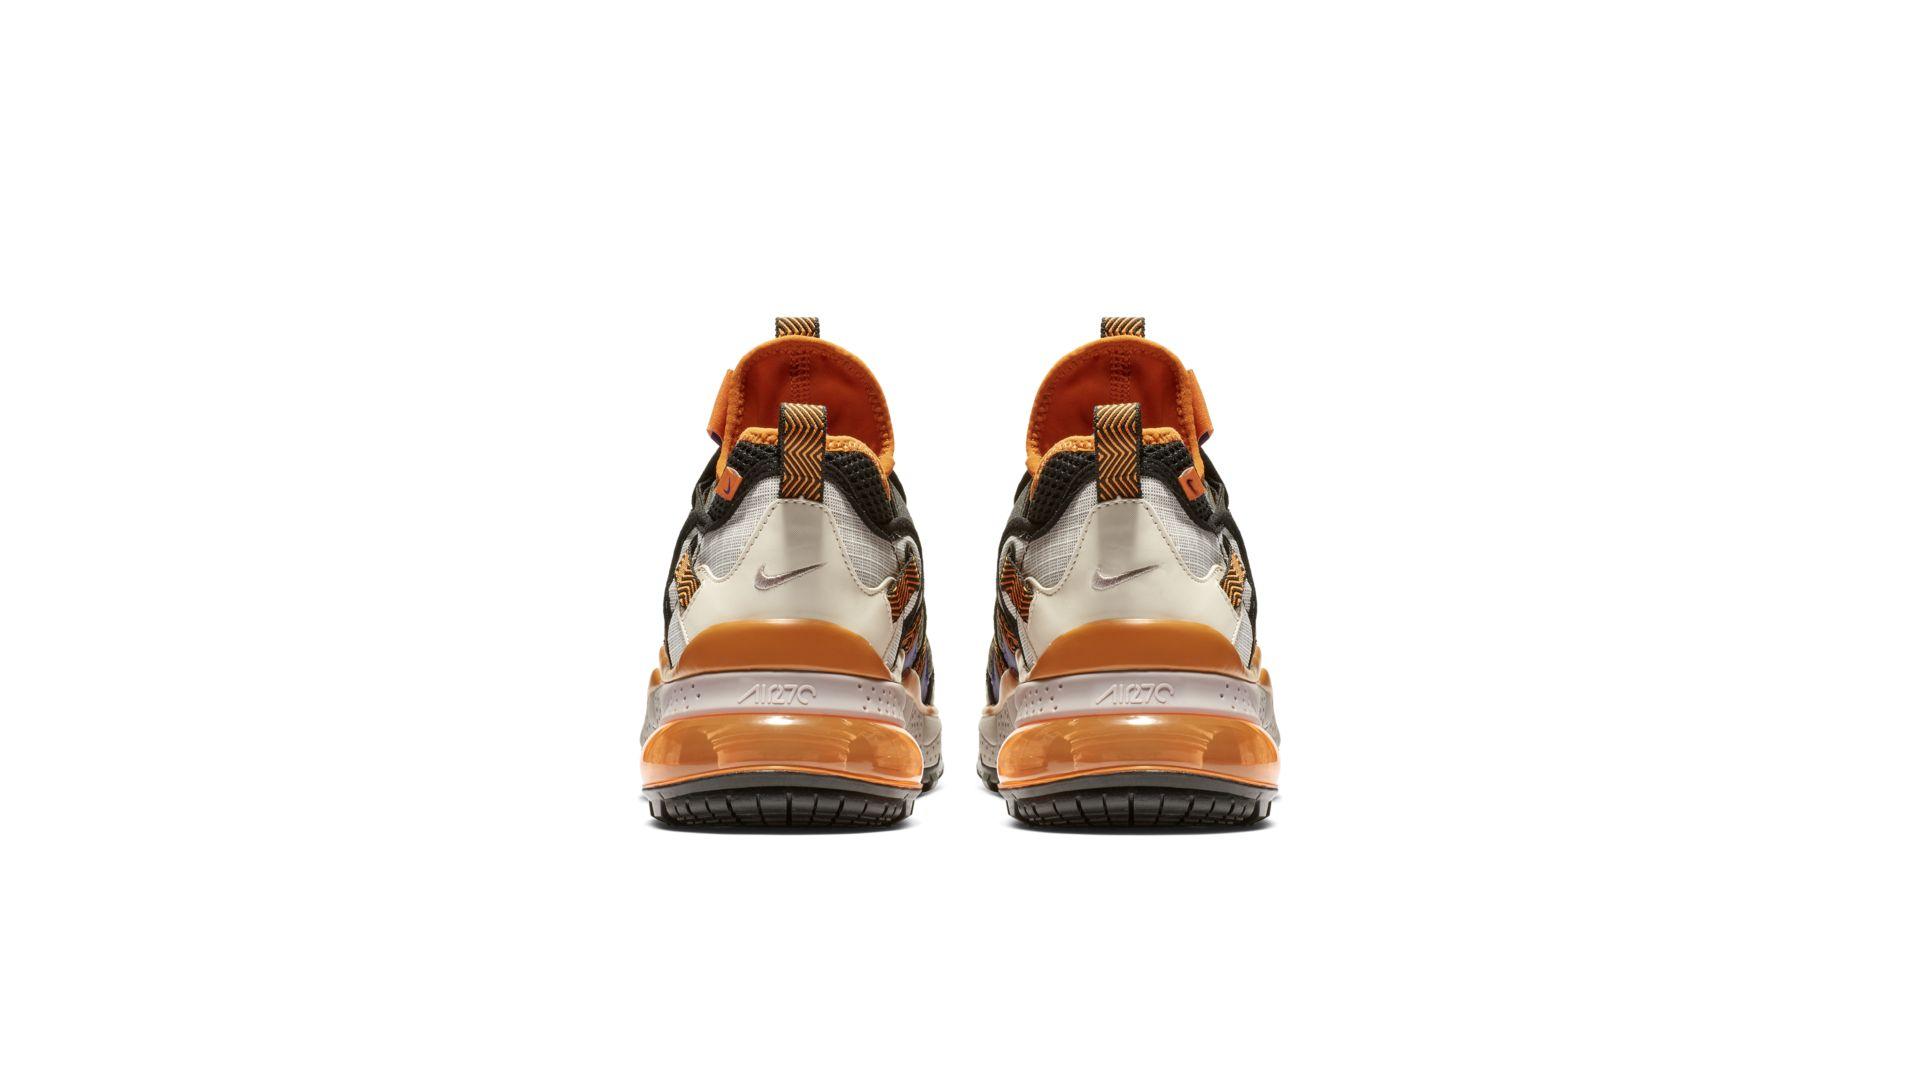 Nike Air Max 270 Bowfin Mowabb (AJ7200 201)